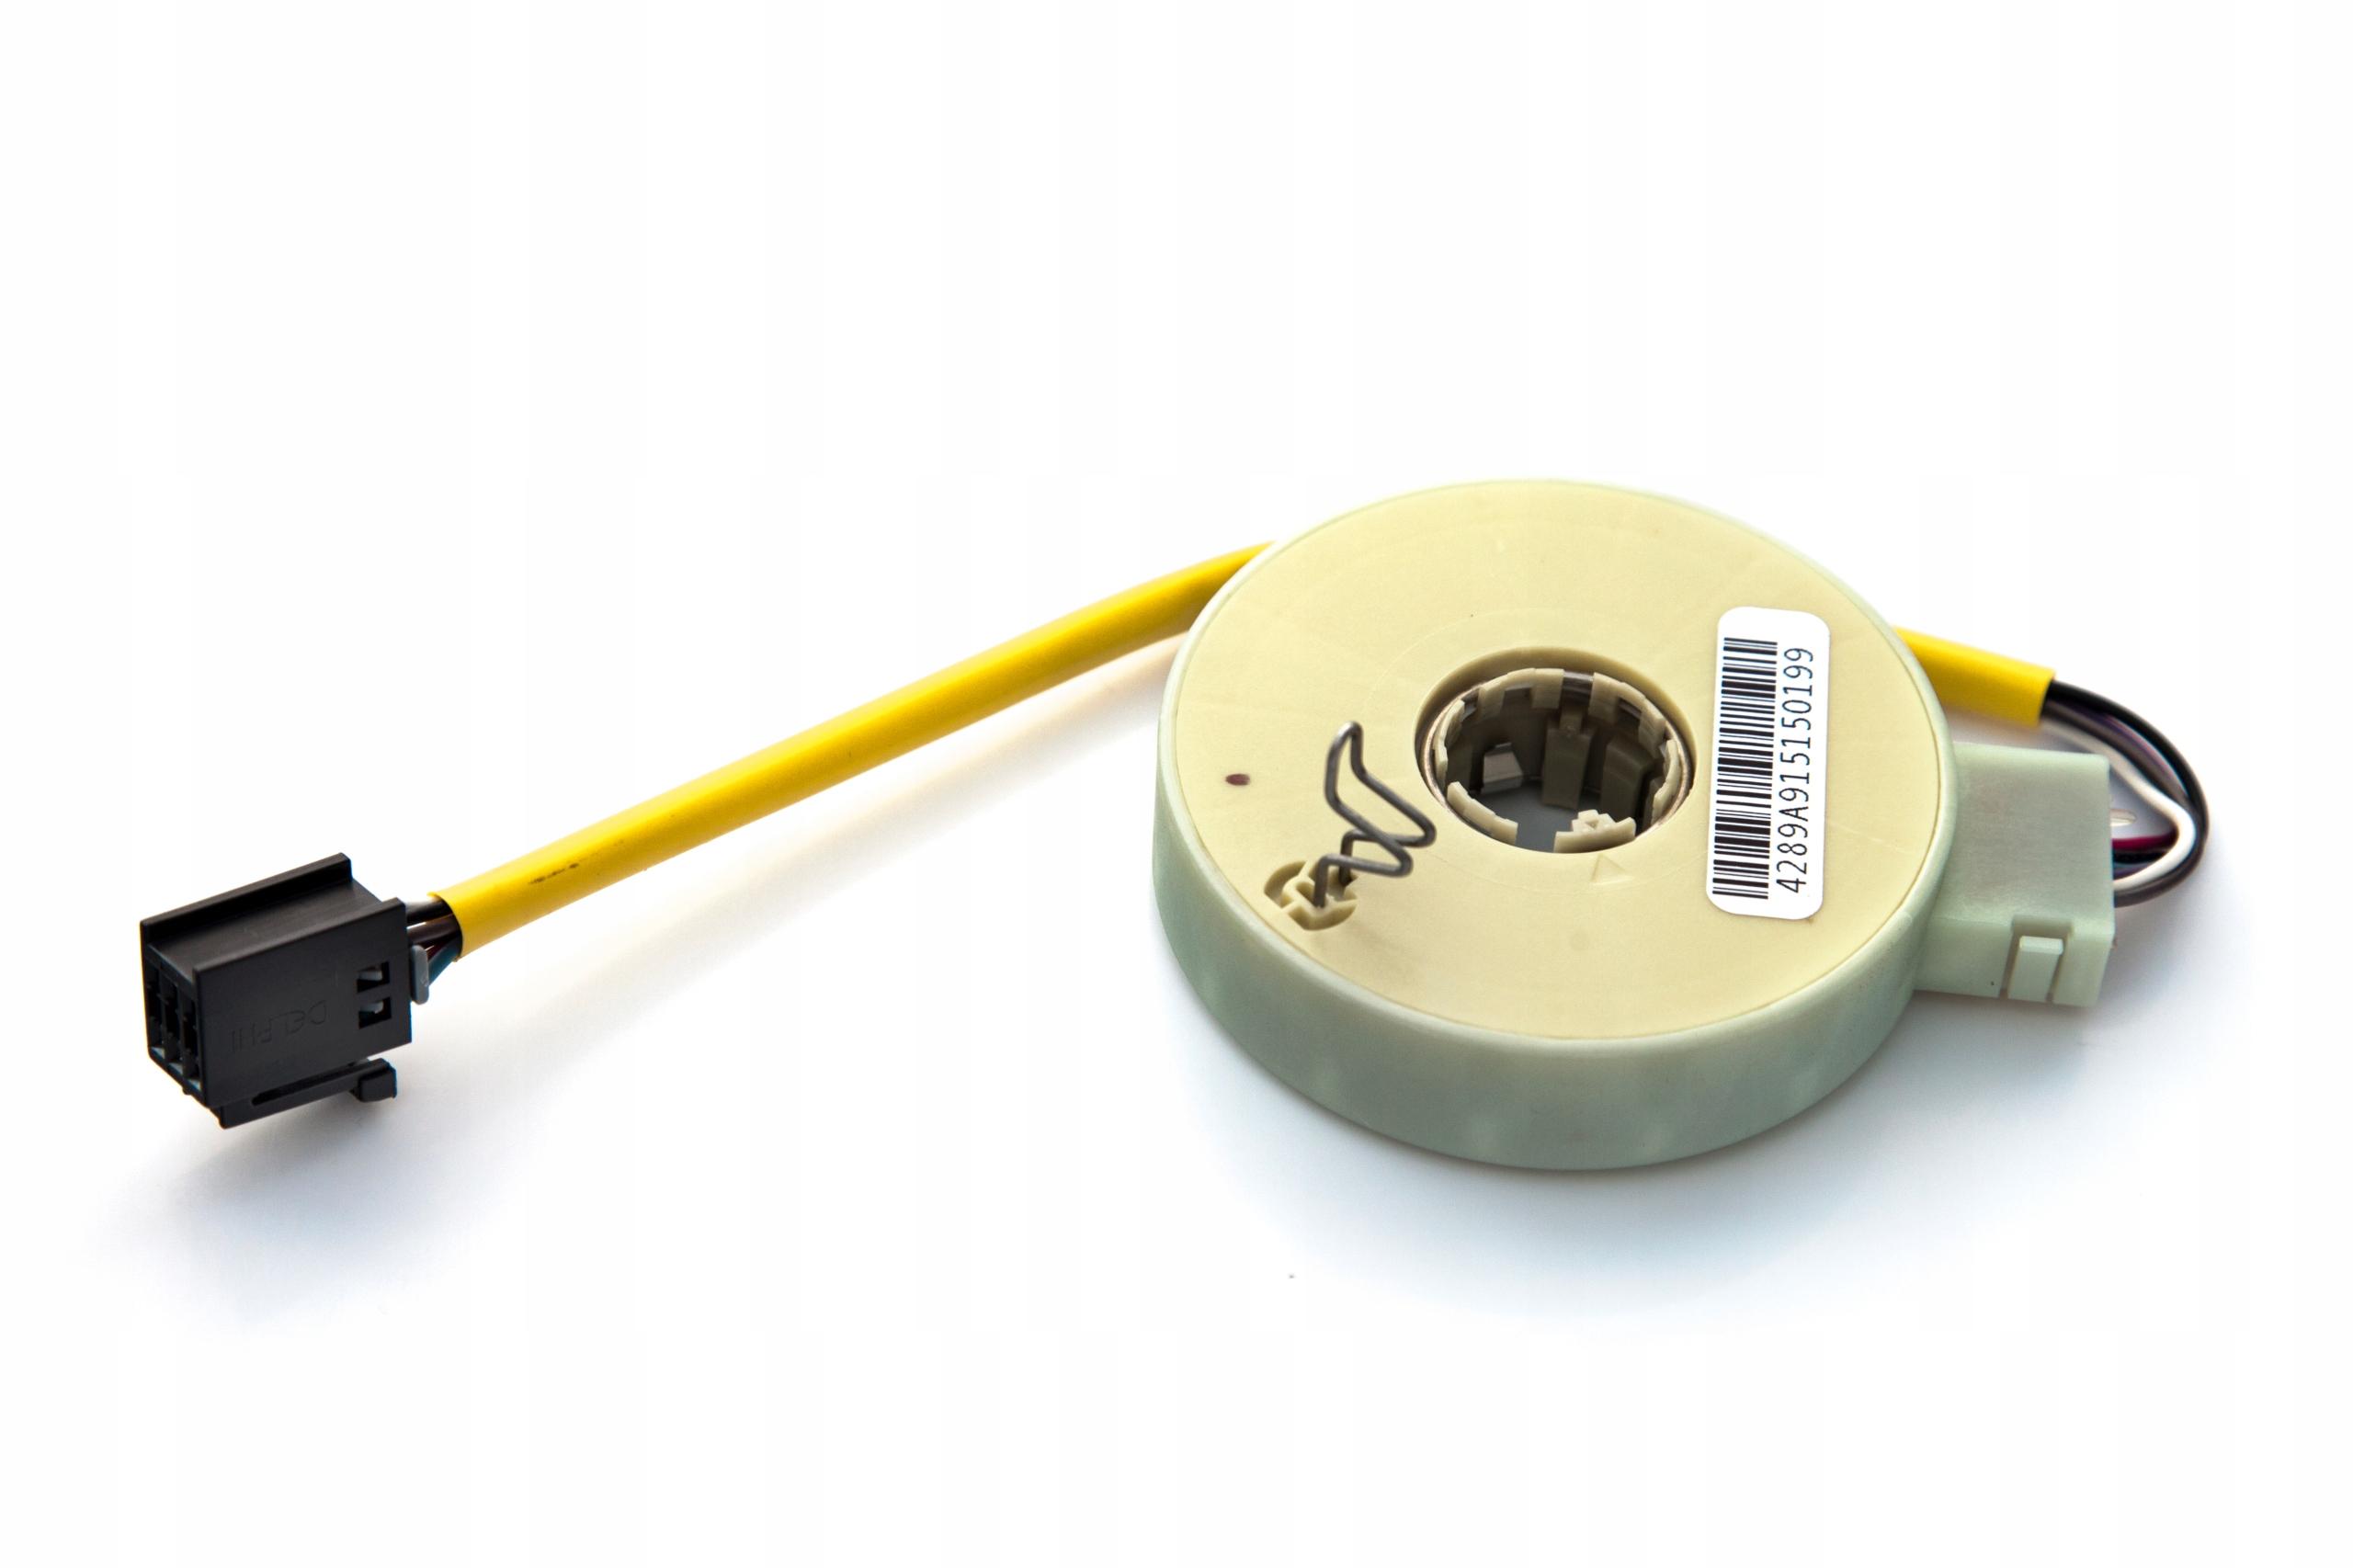 новый оригинальный датчик поворота fiat punto ii желтый